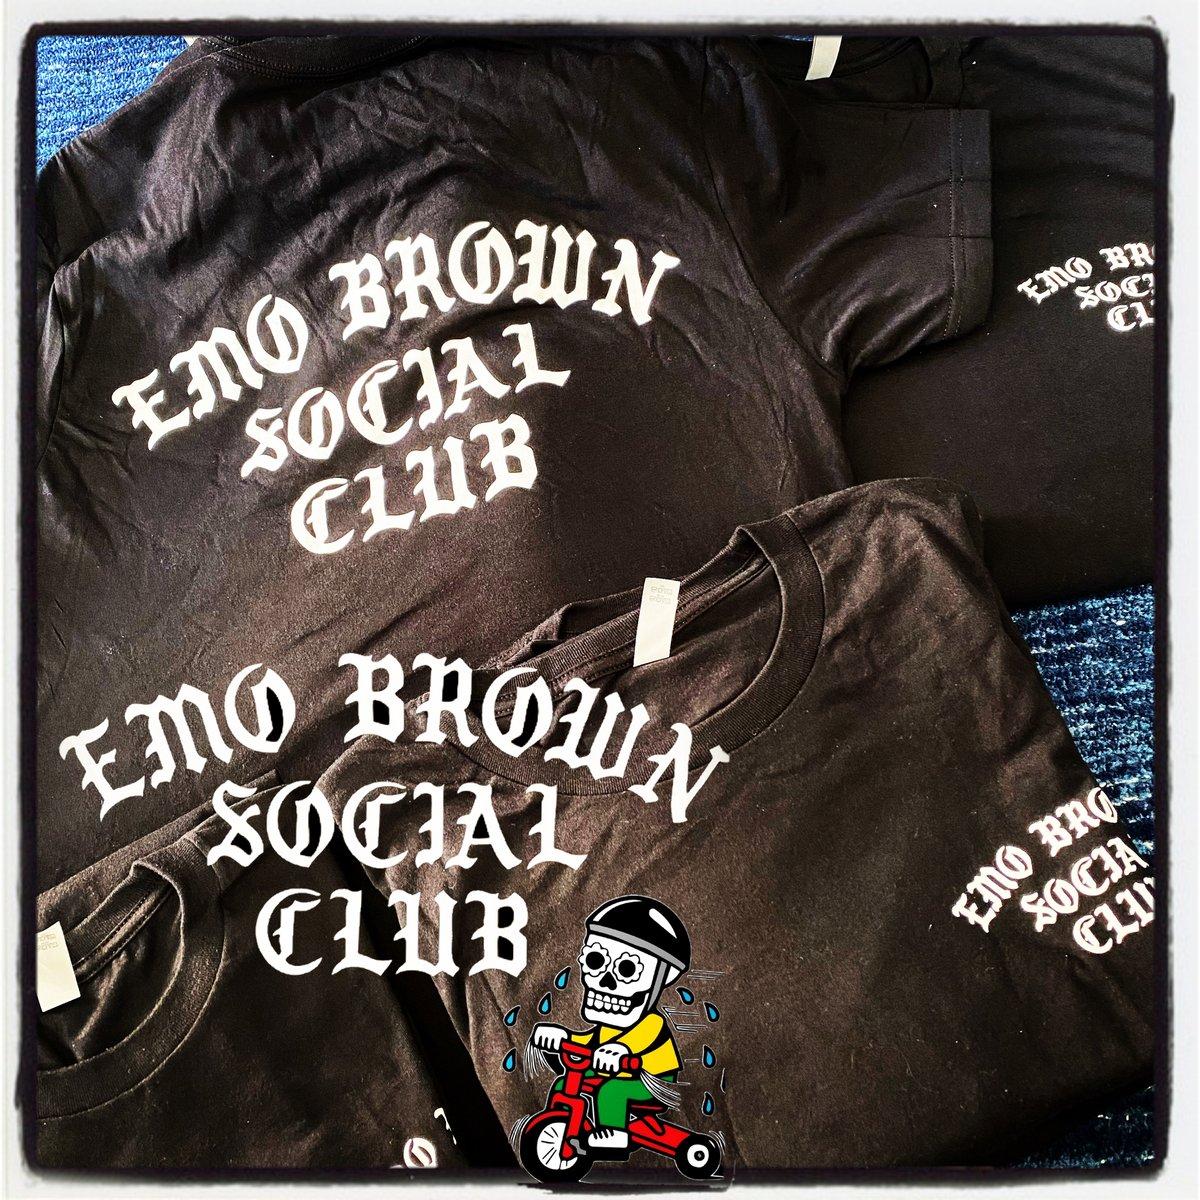 Emo Brown Social Club T Shirt